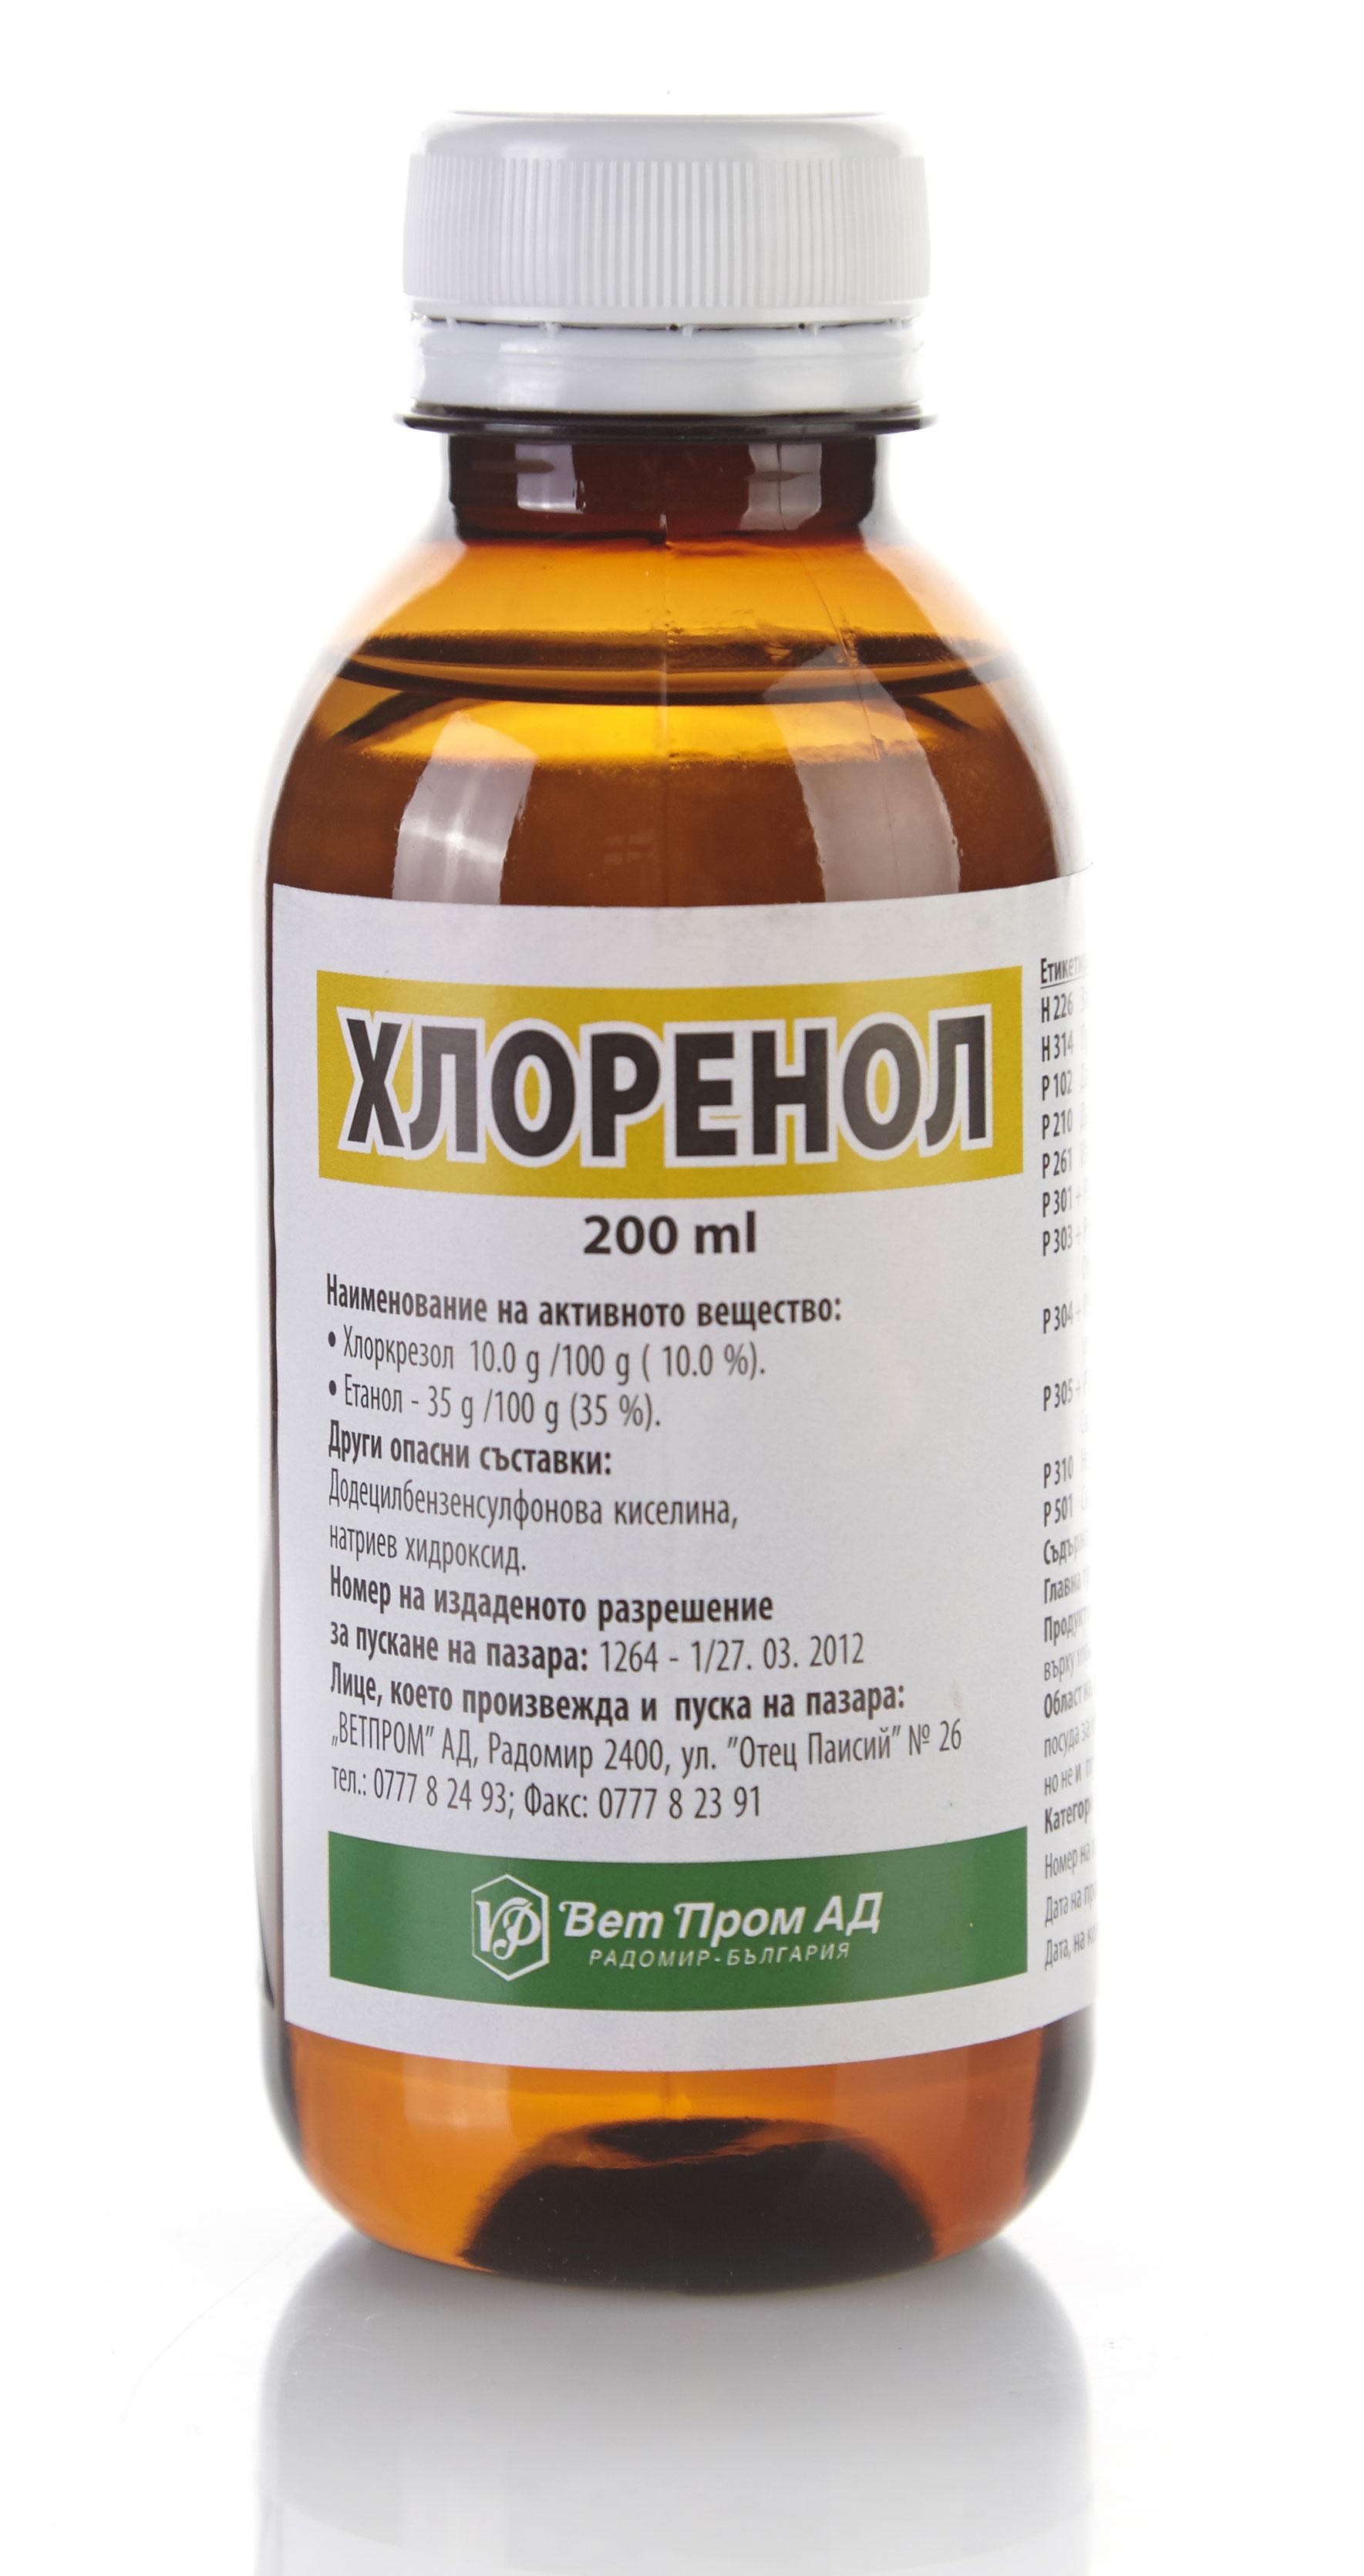 Хлоренол-200ml